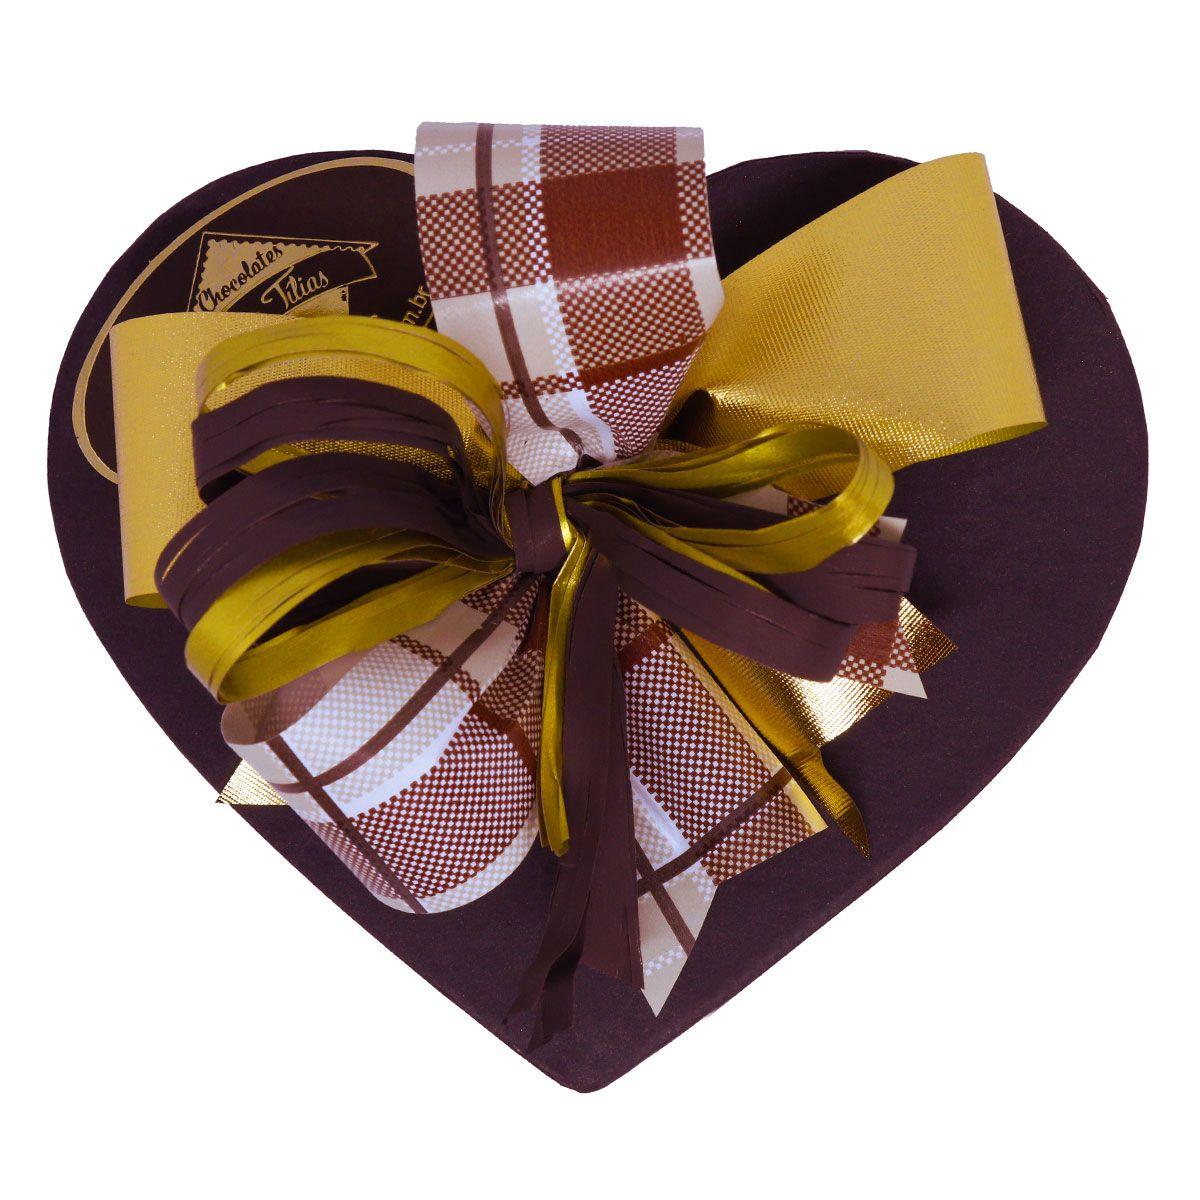 Caixa Média de Coração com delicioso Chocolate ao Leite